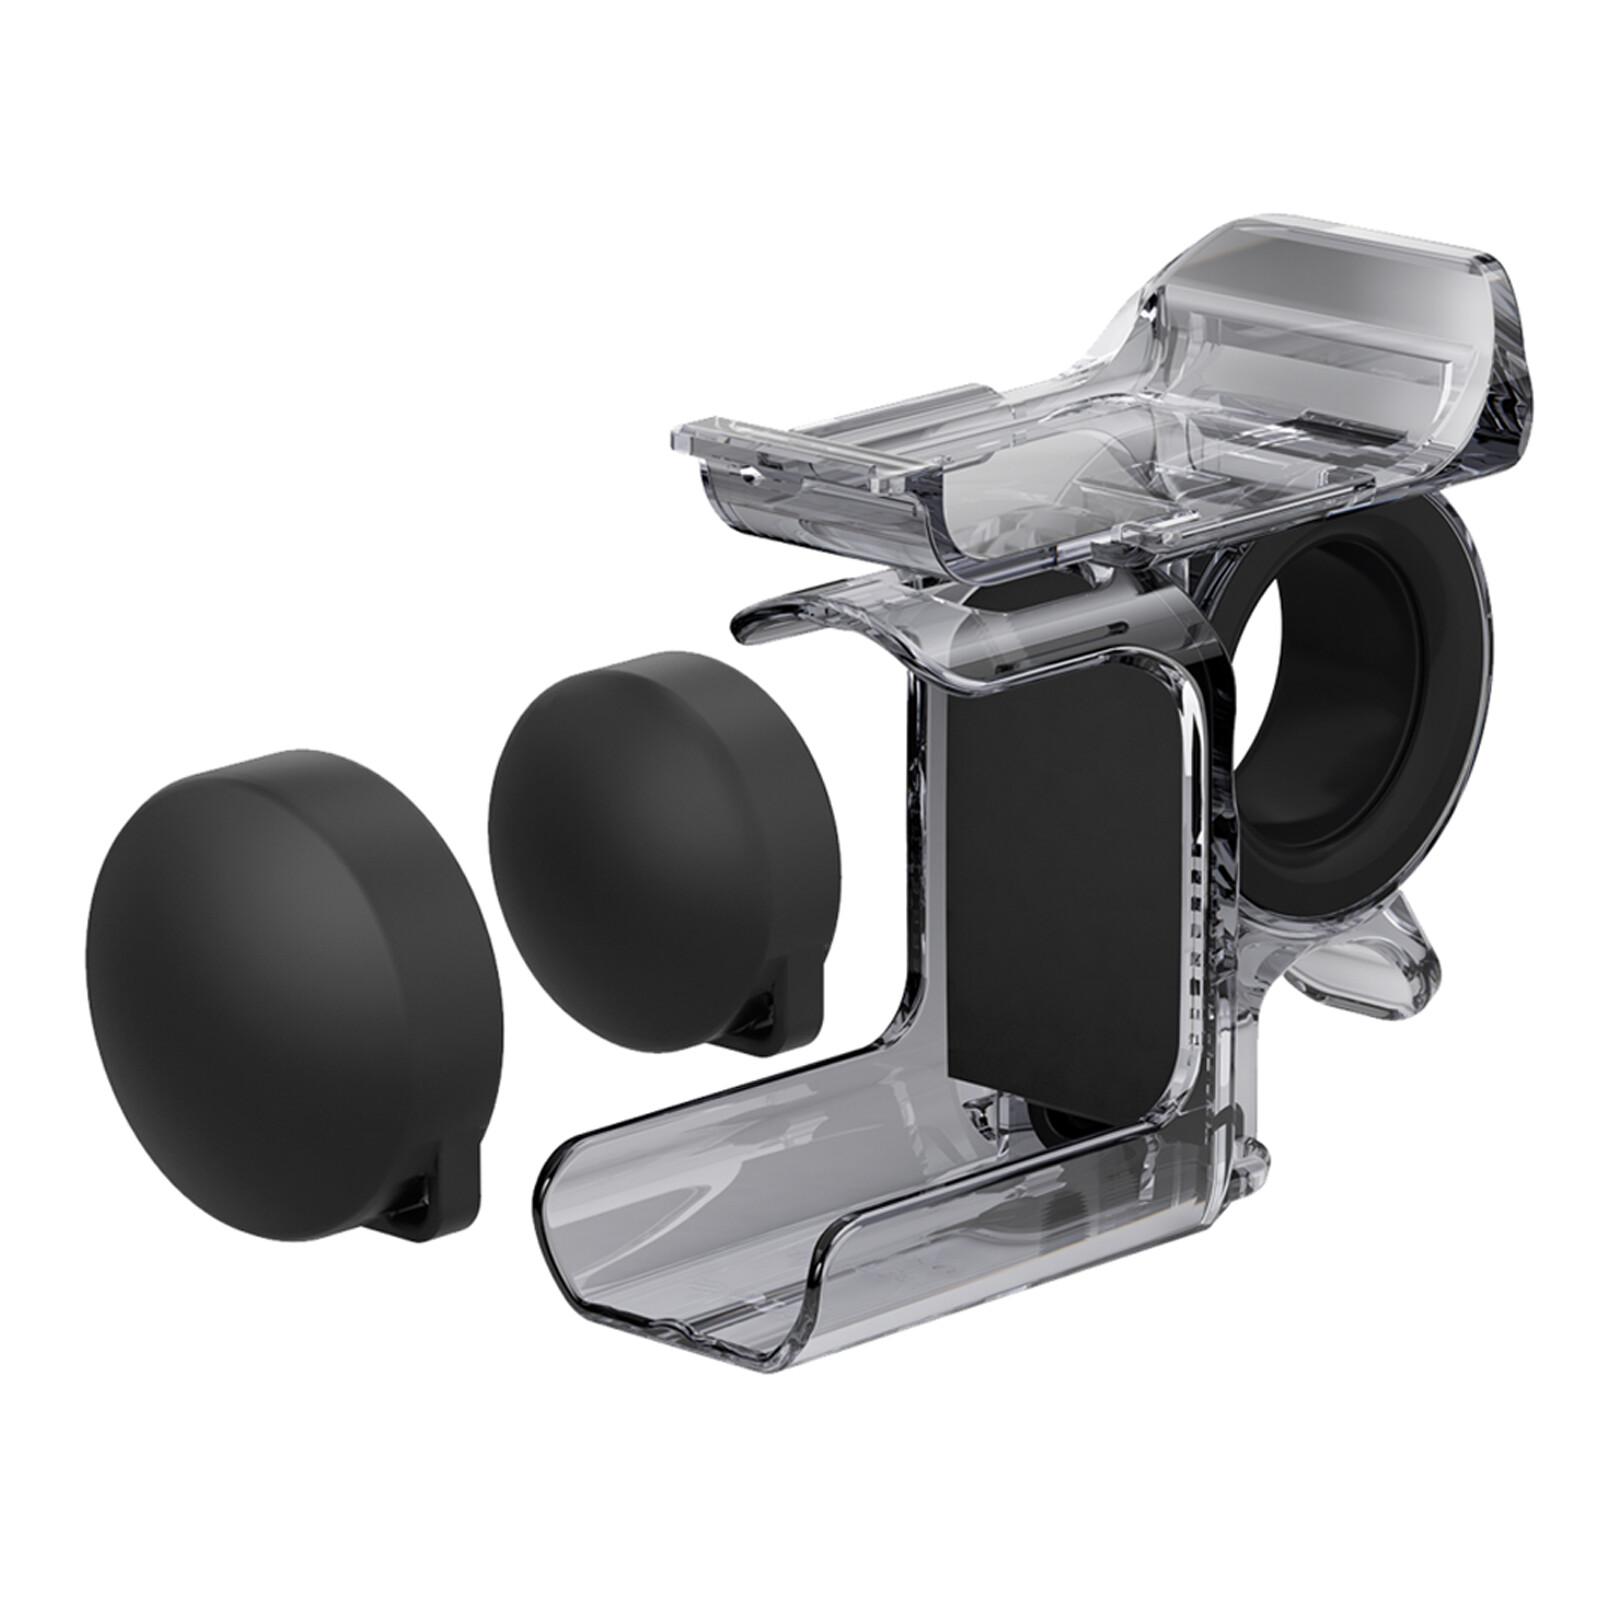 Sony AKA-FGP1 Handgriff für Action Cam